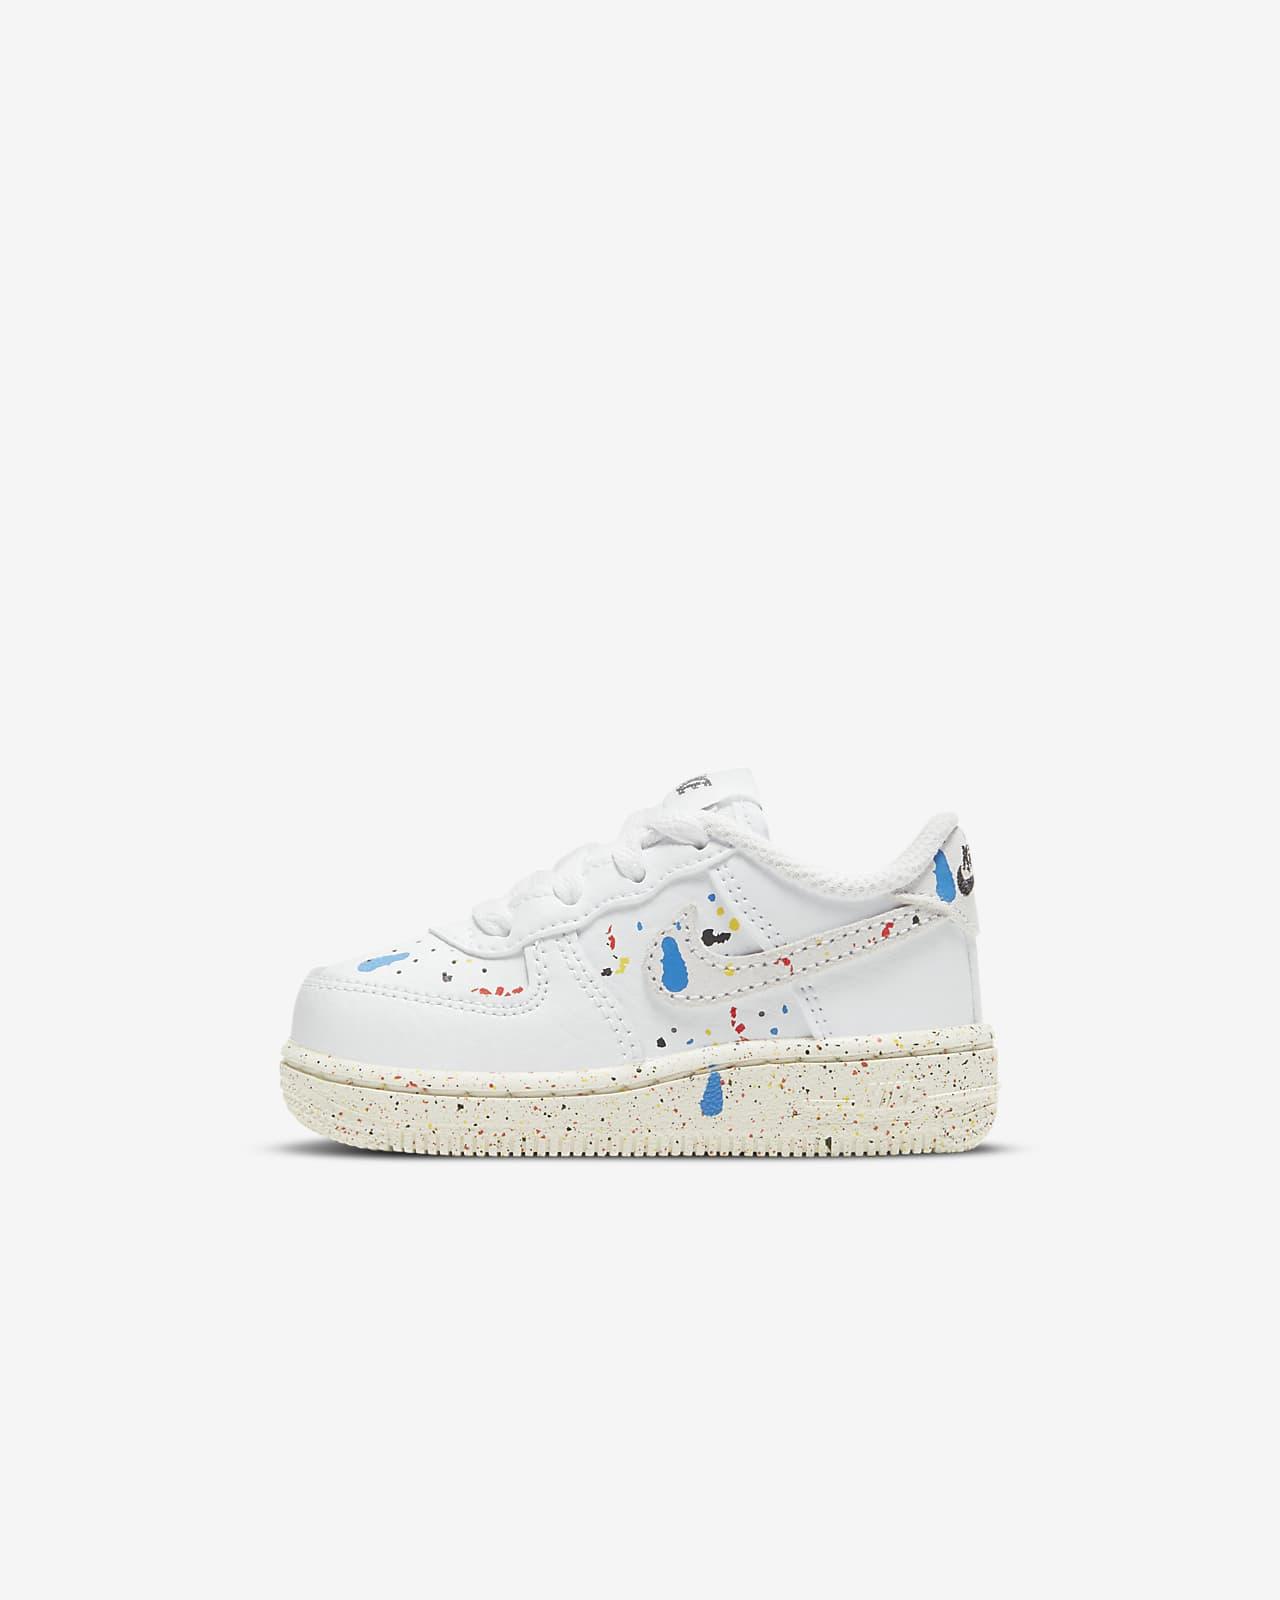 Παπούτσι Nike Force 1 LV8 3 για βρέφη και νήπια